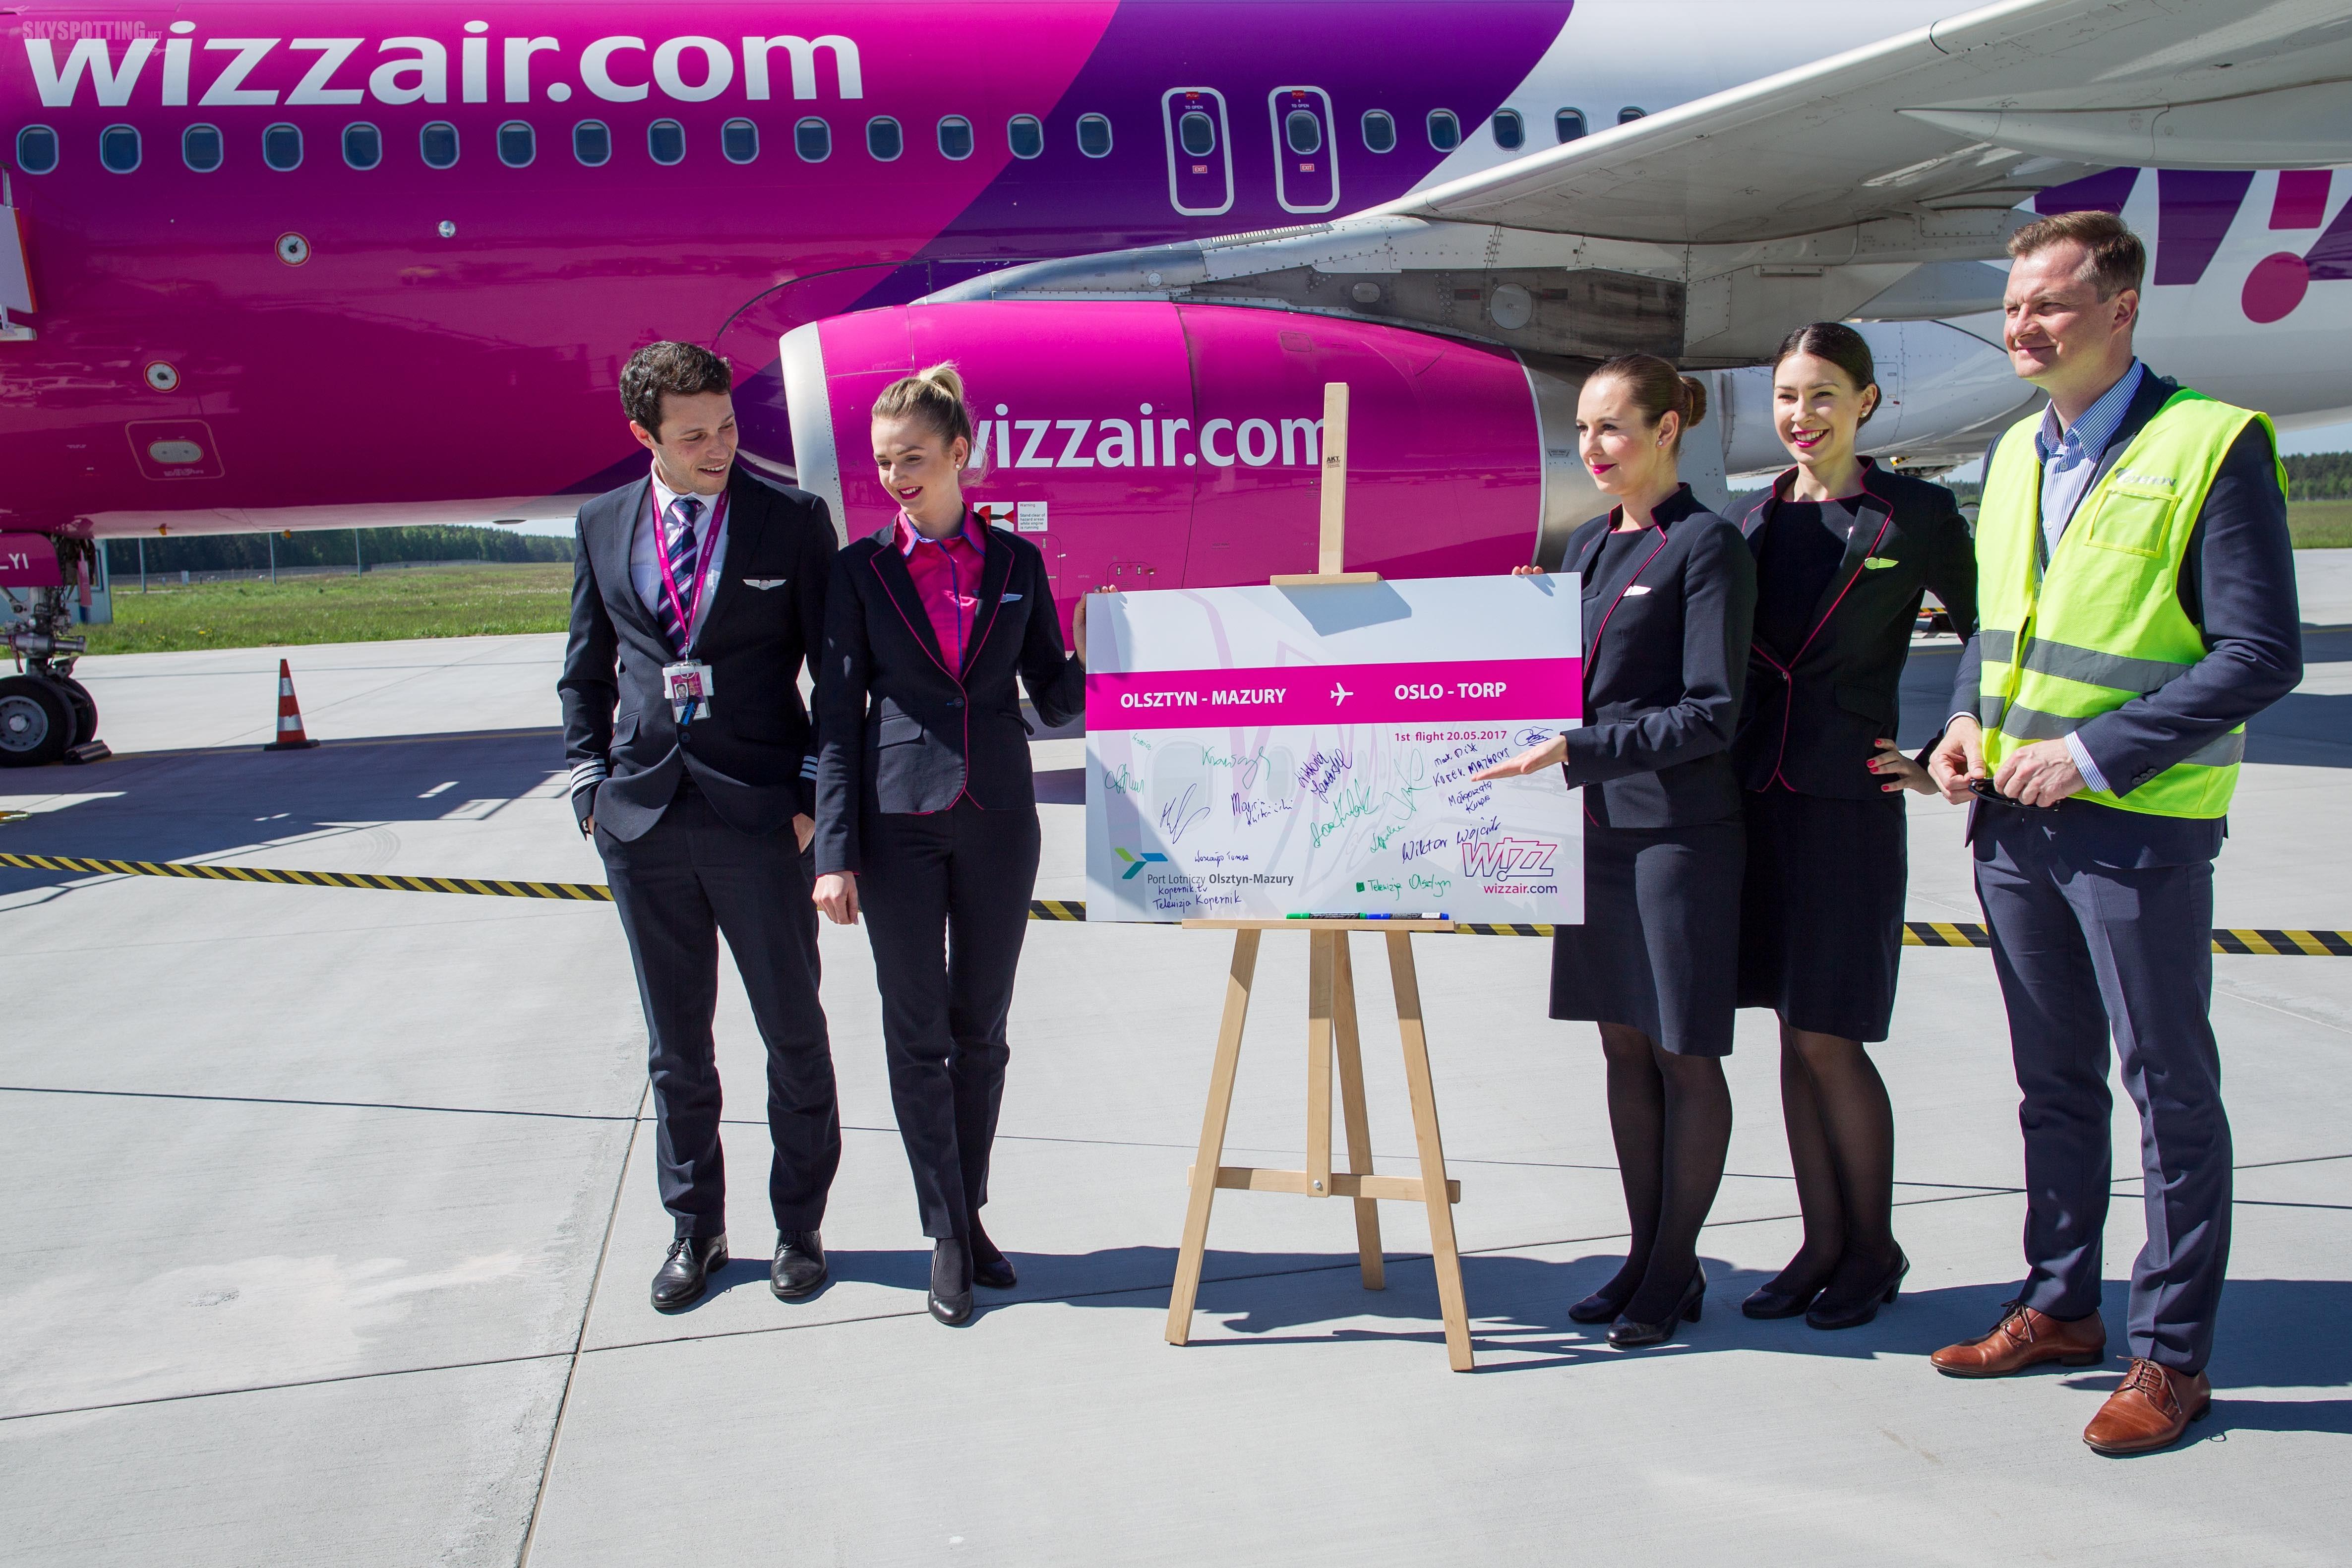 Wizz Air rozpoczyna loty z lotniska Olsztyn-Mazury do Oslo Torp